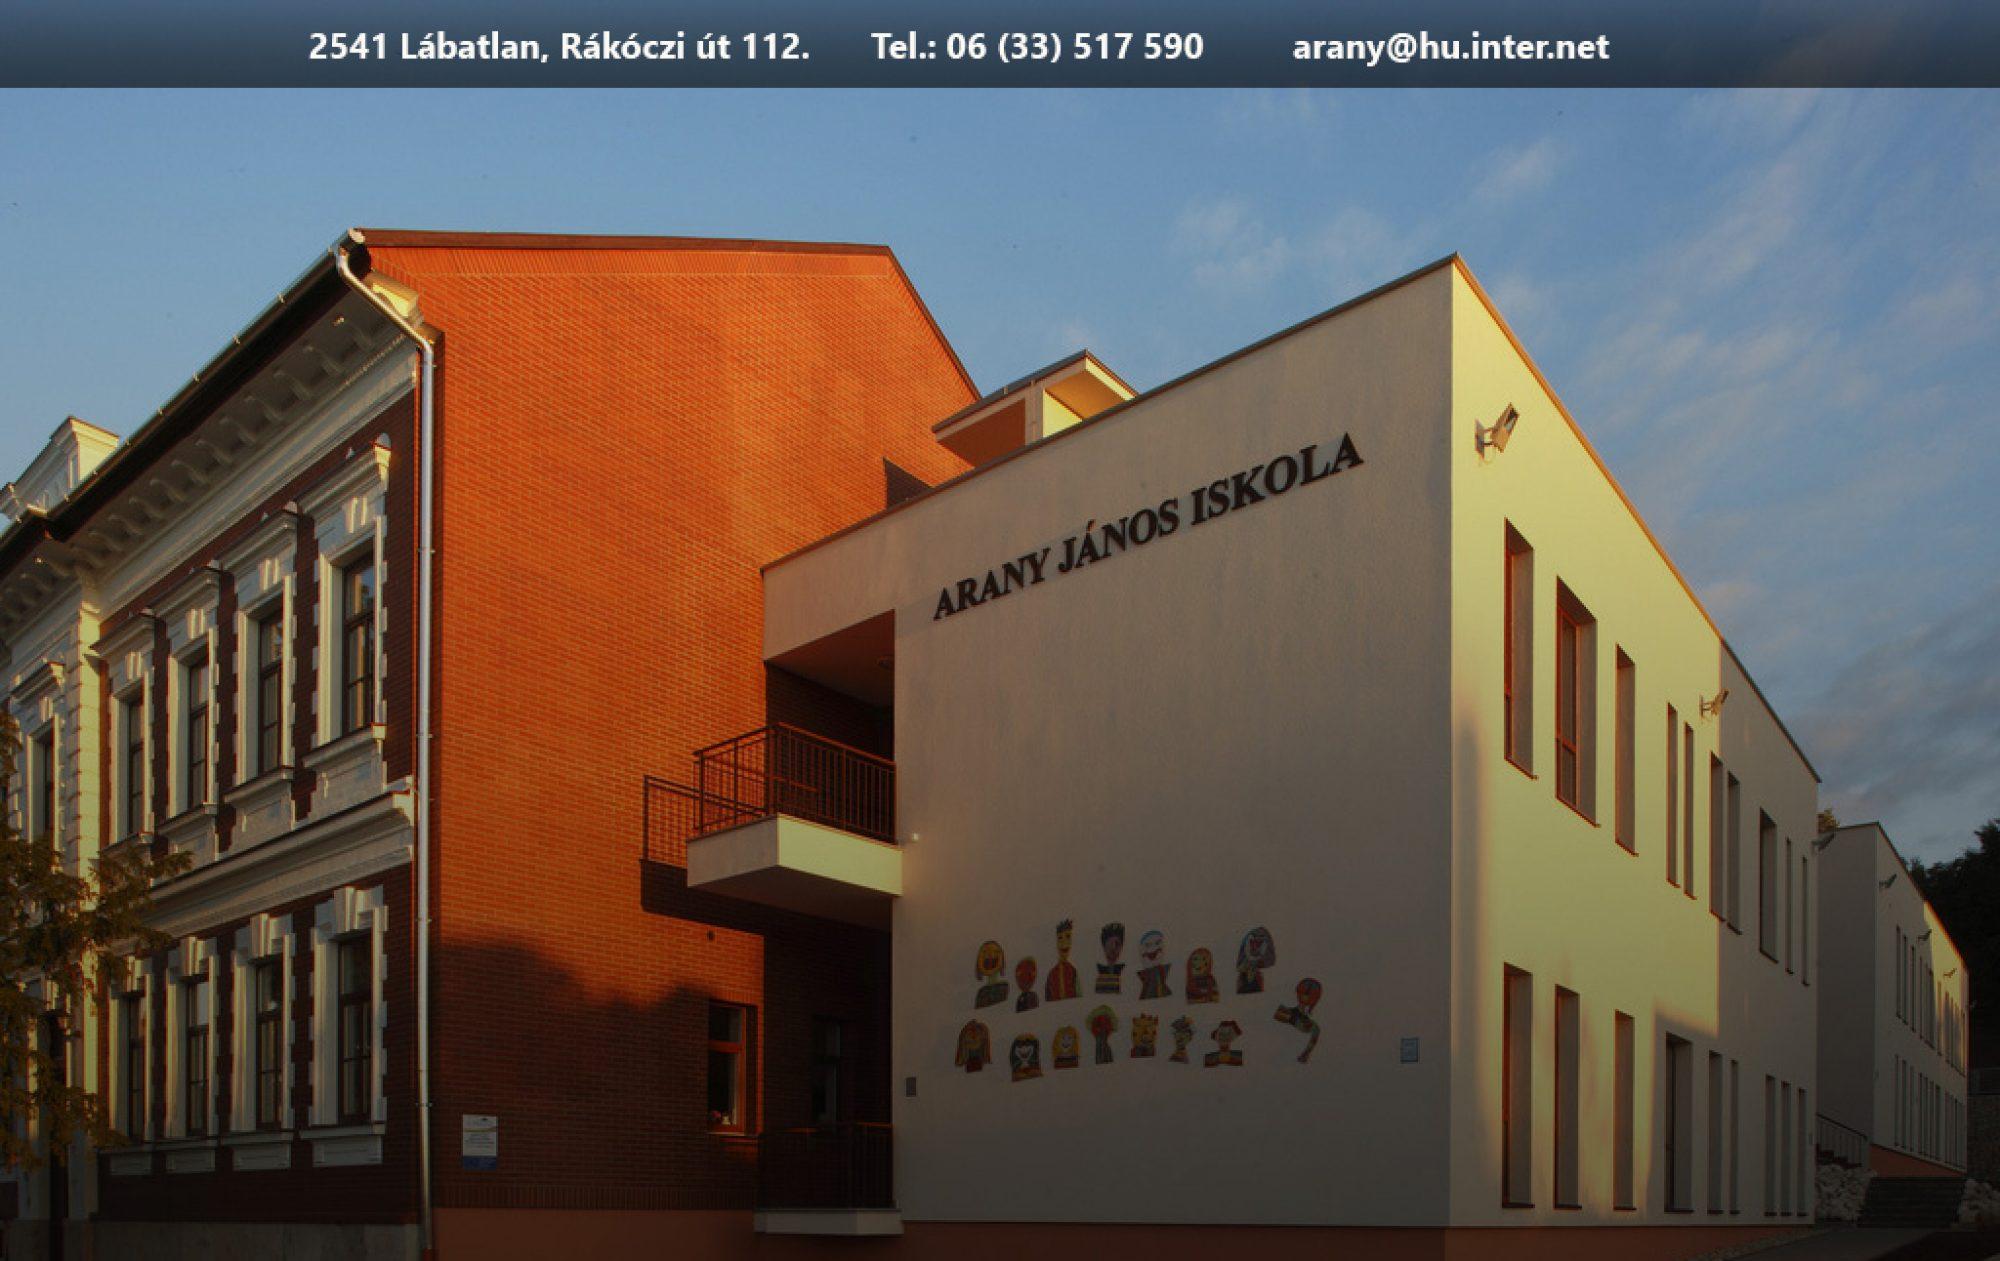 Lábatlani Arany János Általános Iskola és Alapfokú Művészeti Iskola